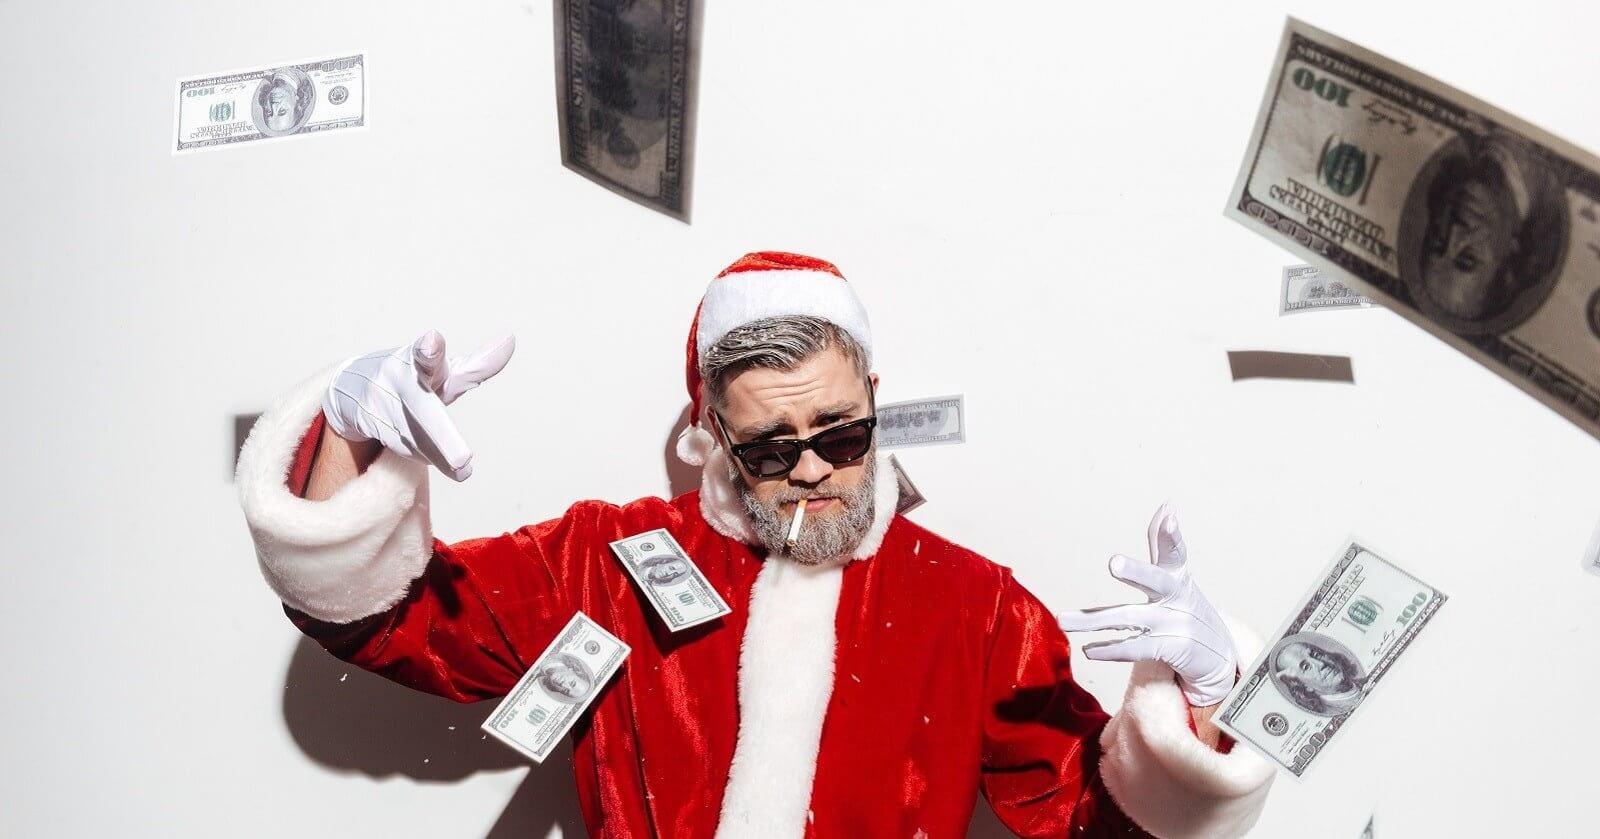 Weihnachtsmann wirft Geldscheine